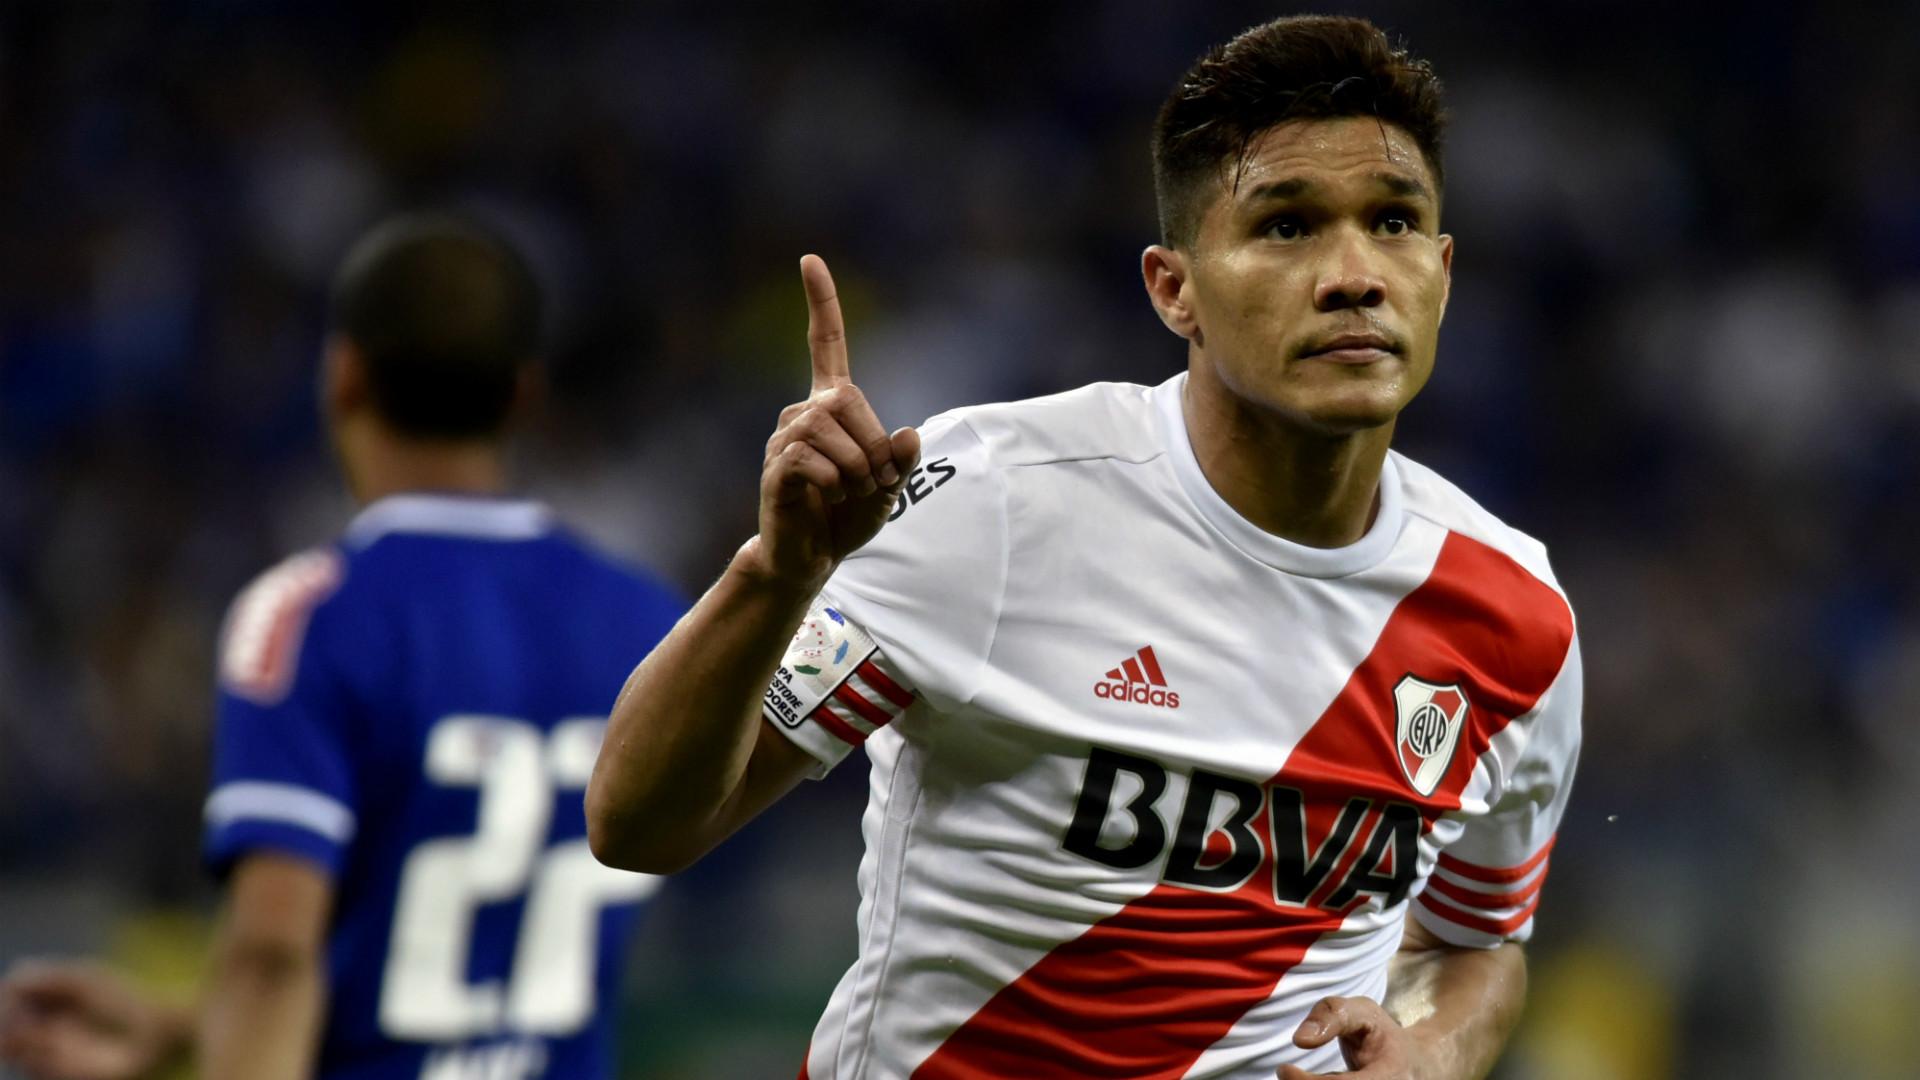 Teofilo Gutierrez River Plate Copa Libertadores 2015